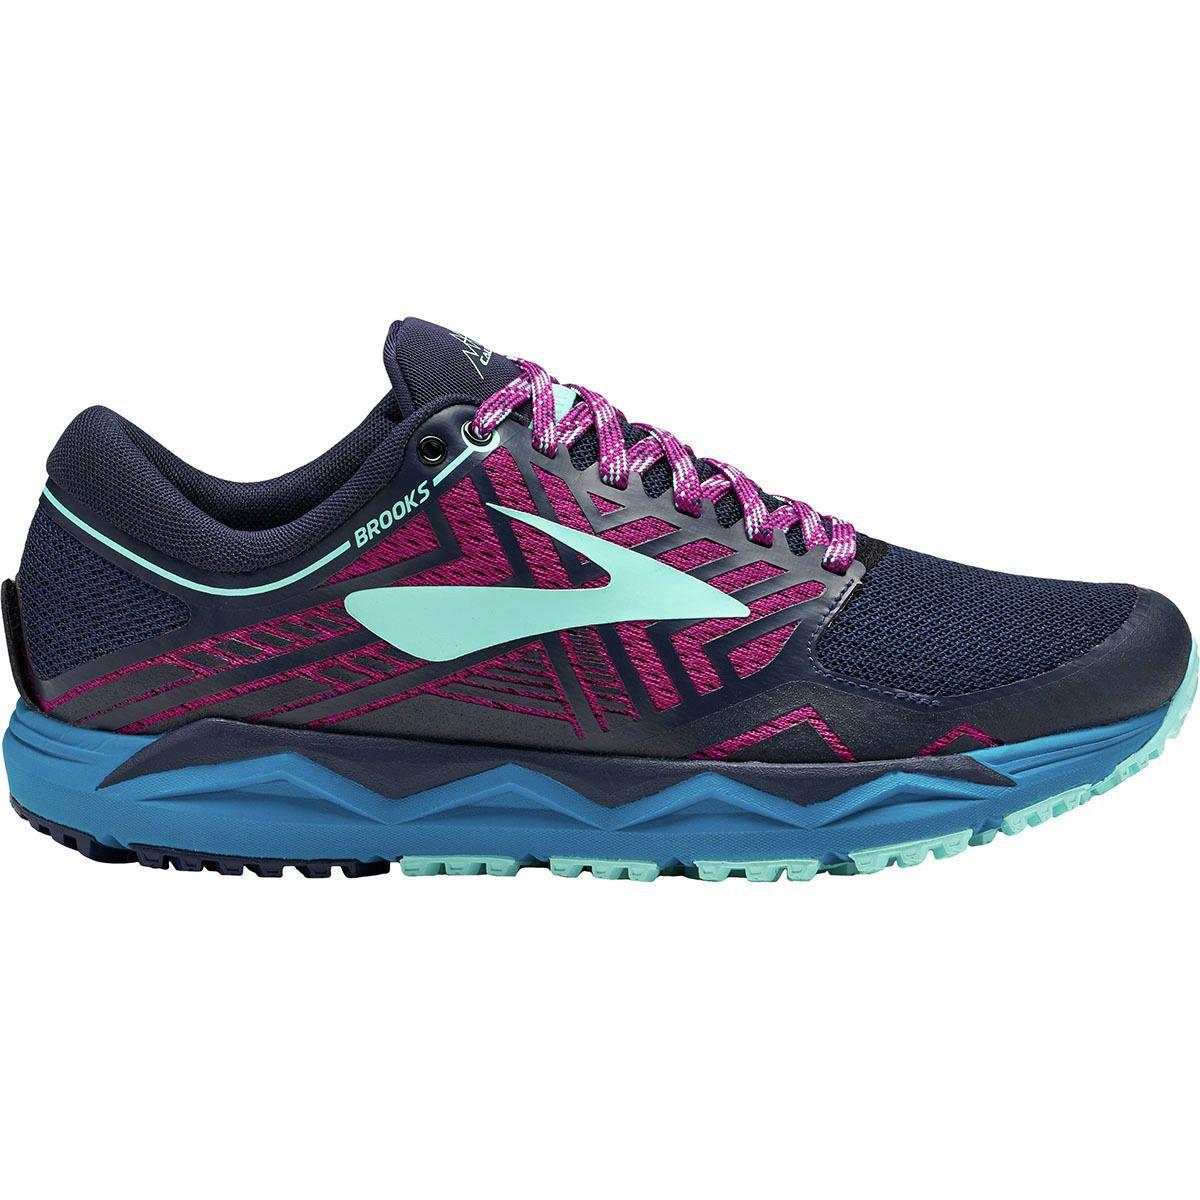 00d14effa4f0 Best Overall  Brooks Women s Caldera Trail Running Shoes